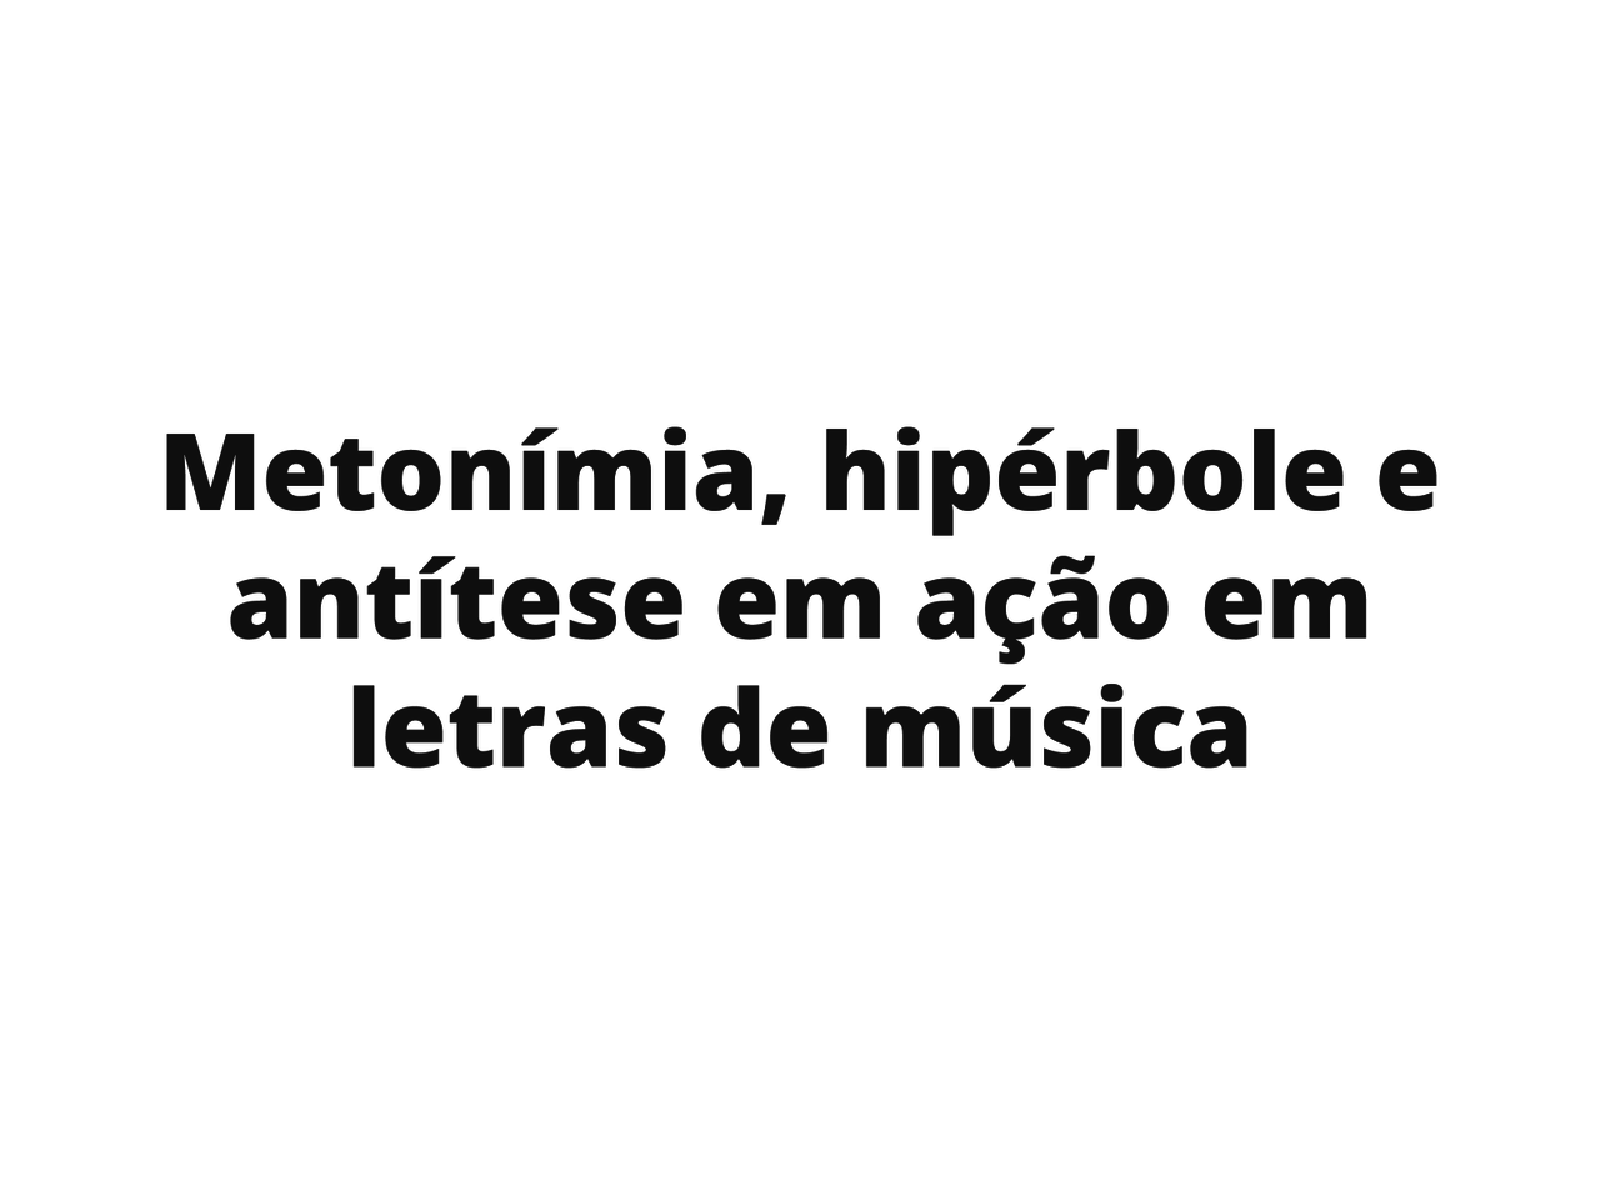 Metonímia, hipérbole e antítese em ação em letras de música